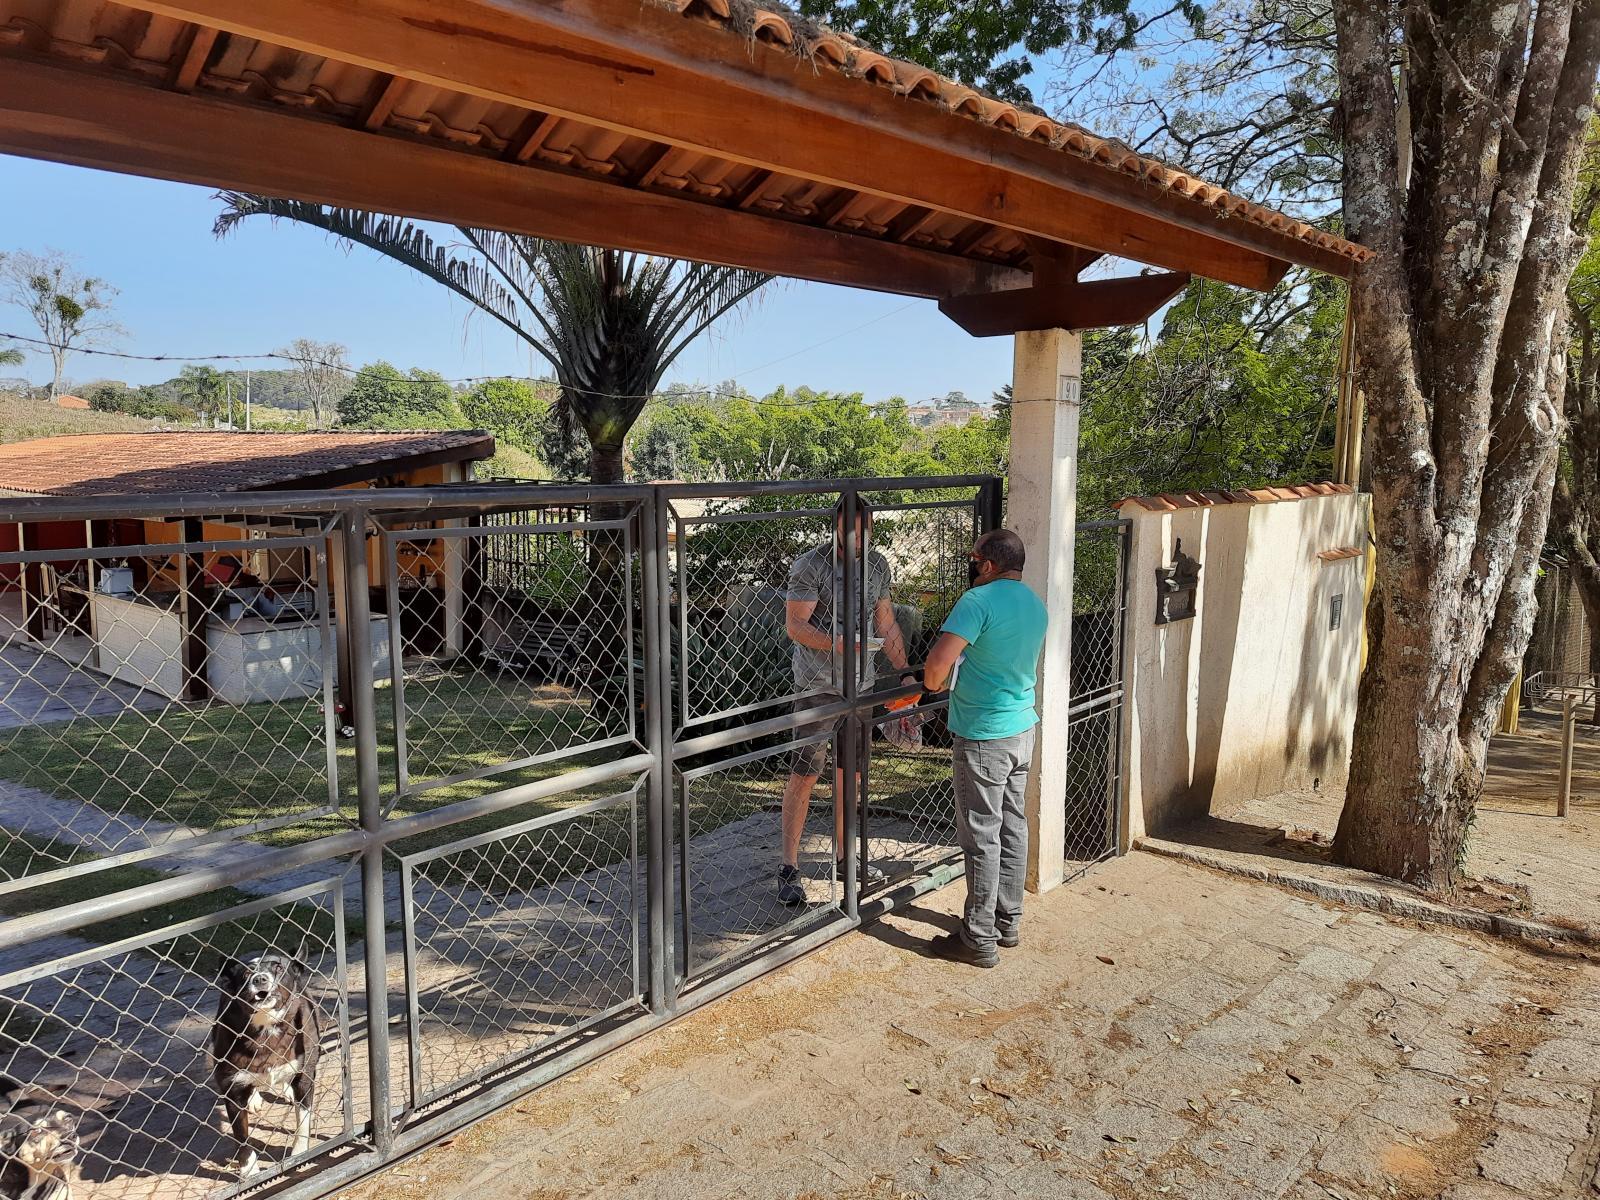 Moradores do bairro Monte Verde recebem esclarecimentos sobre descarte de lixo